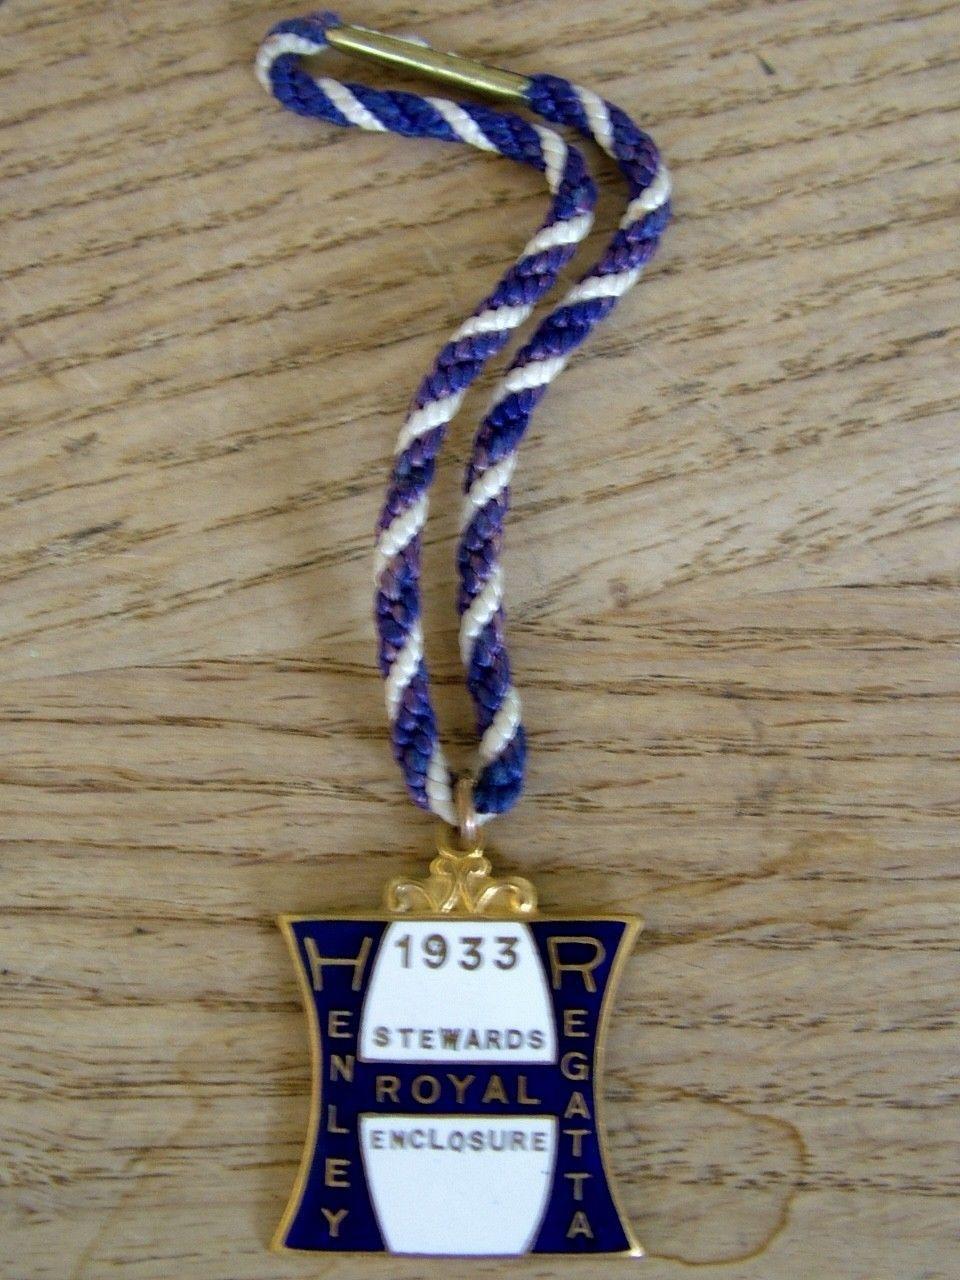 Henley Regatta Tickets >> 1933 Royal Henley Regatta Stewards Enclosure Badge Ticket Pass